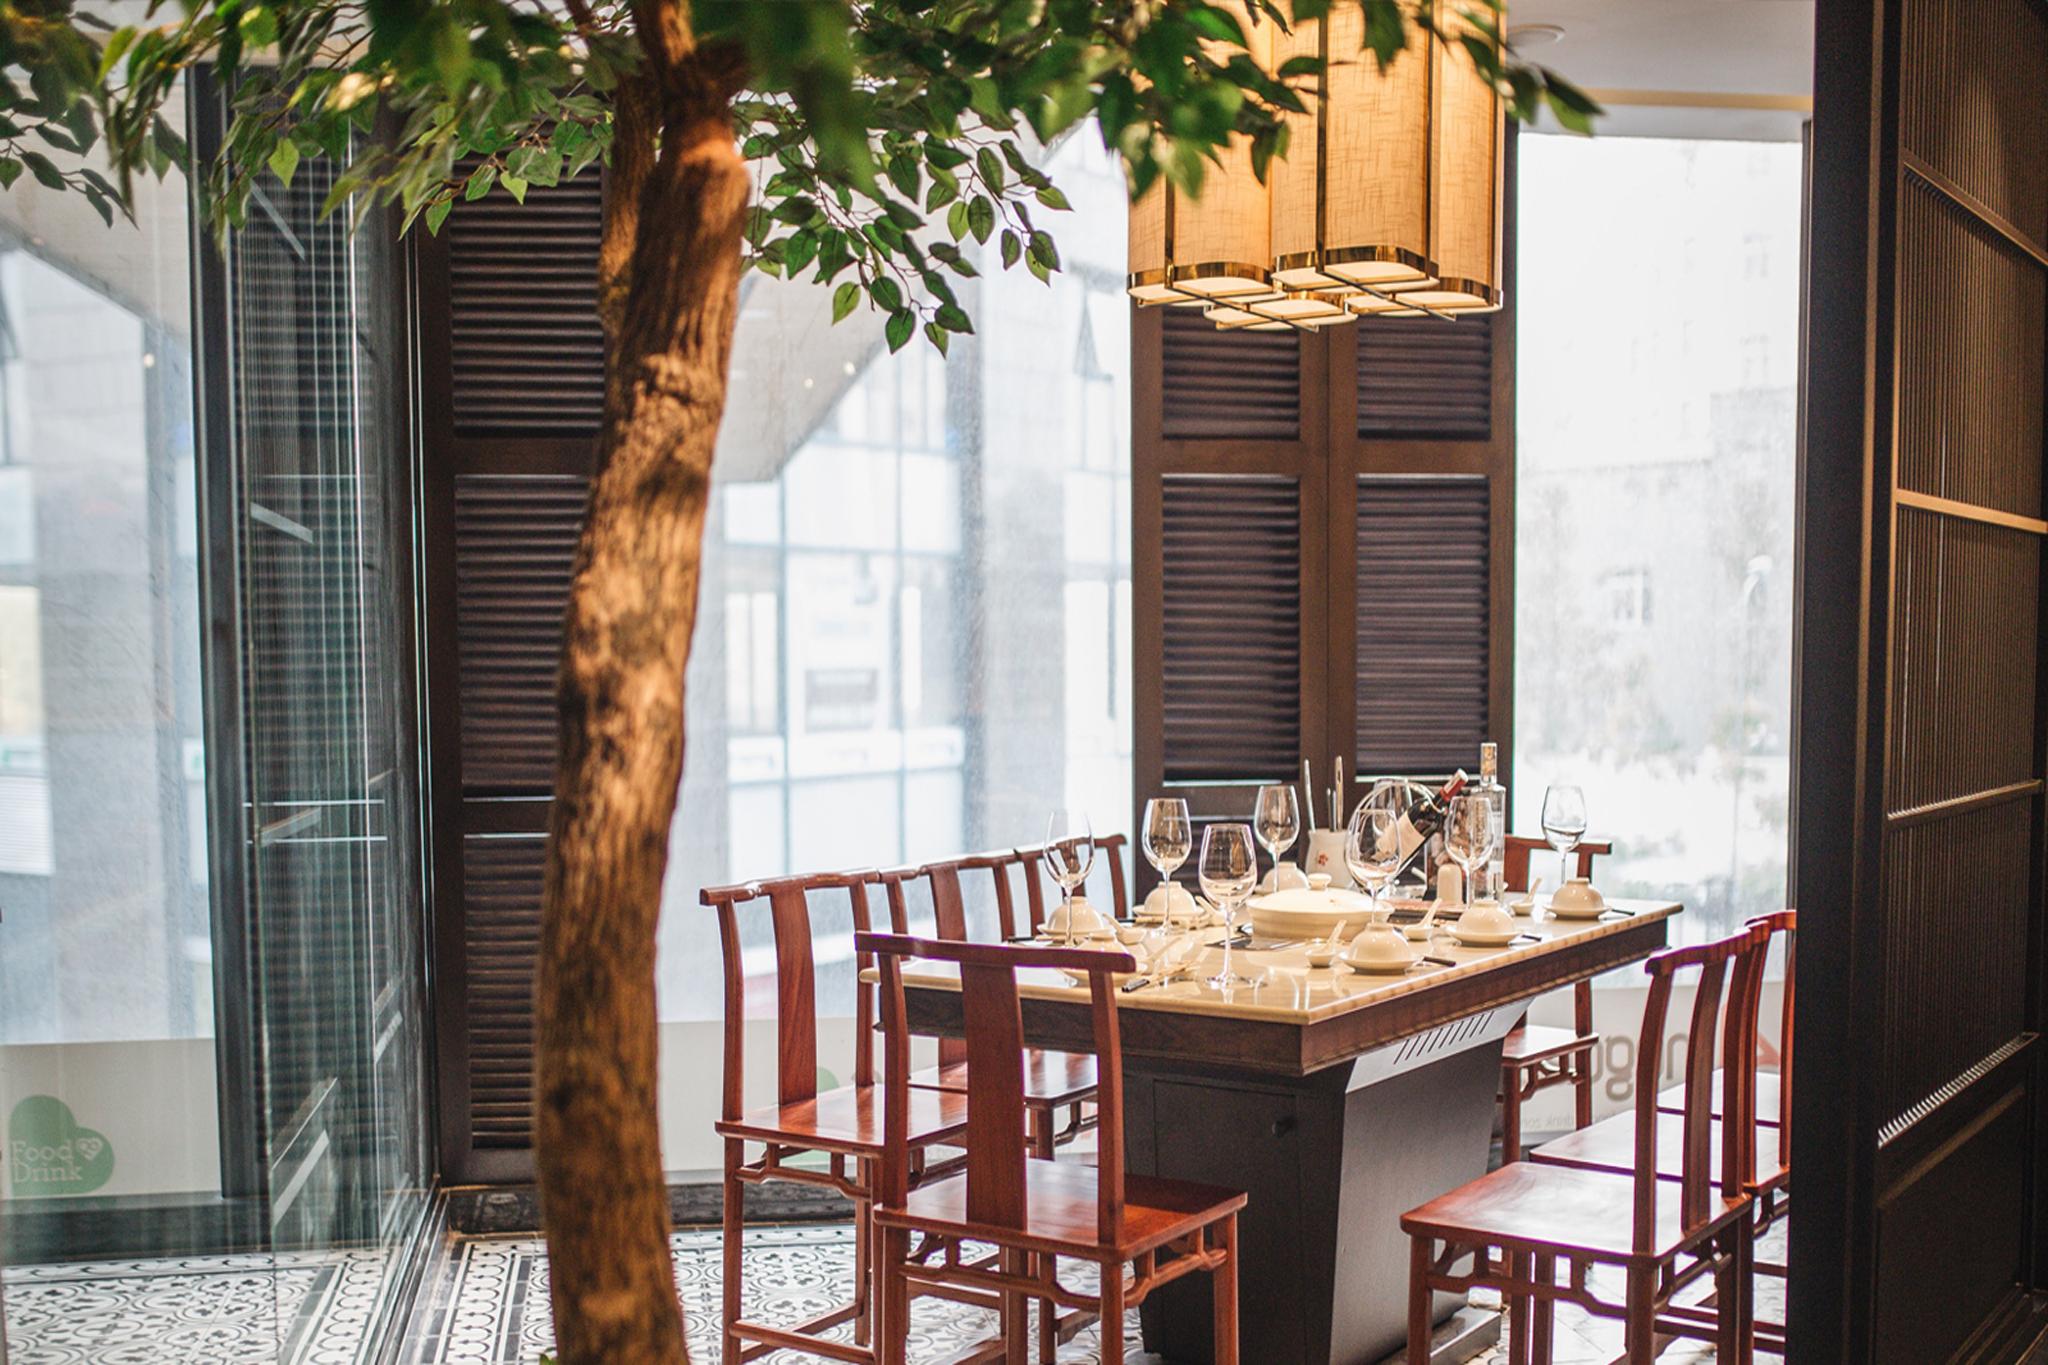 Phong cách gần gũi với thiên nhiên là lựa chọn của nhiều nhà đầu tư để thiết kế nhà hàng (Ảnh: internet)